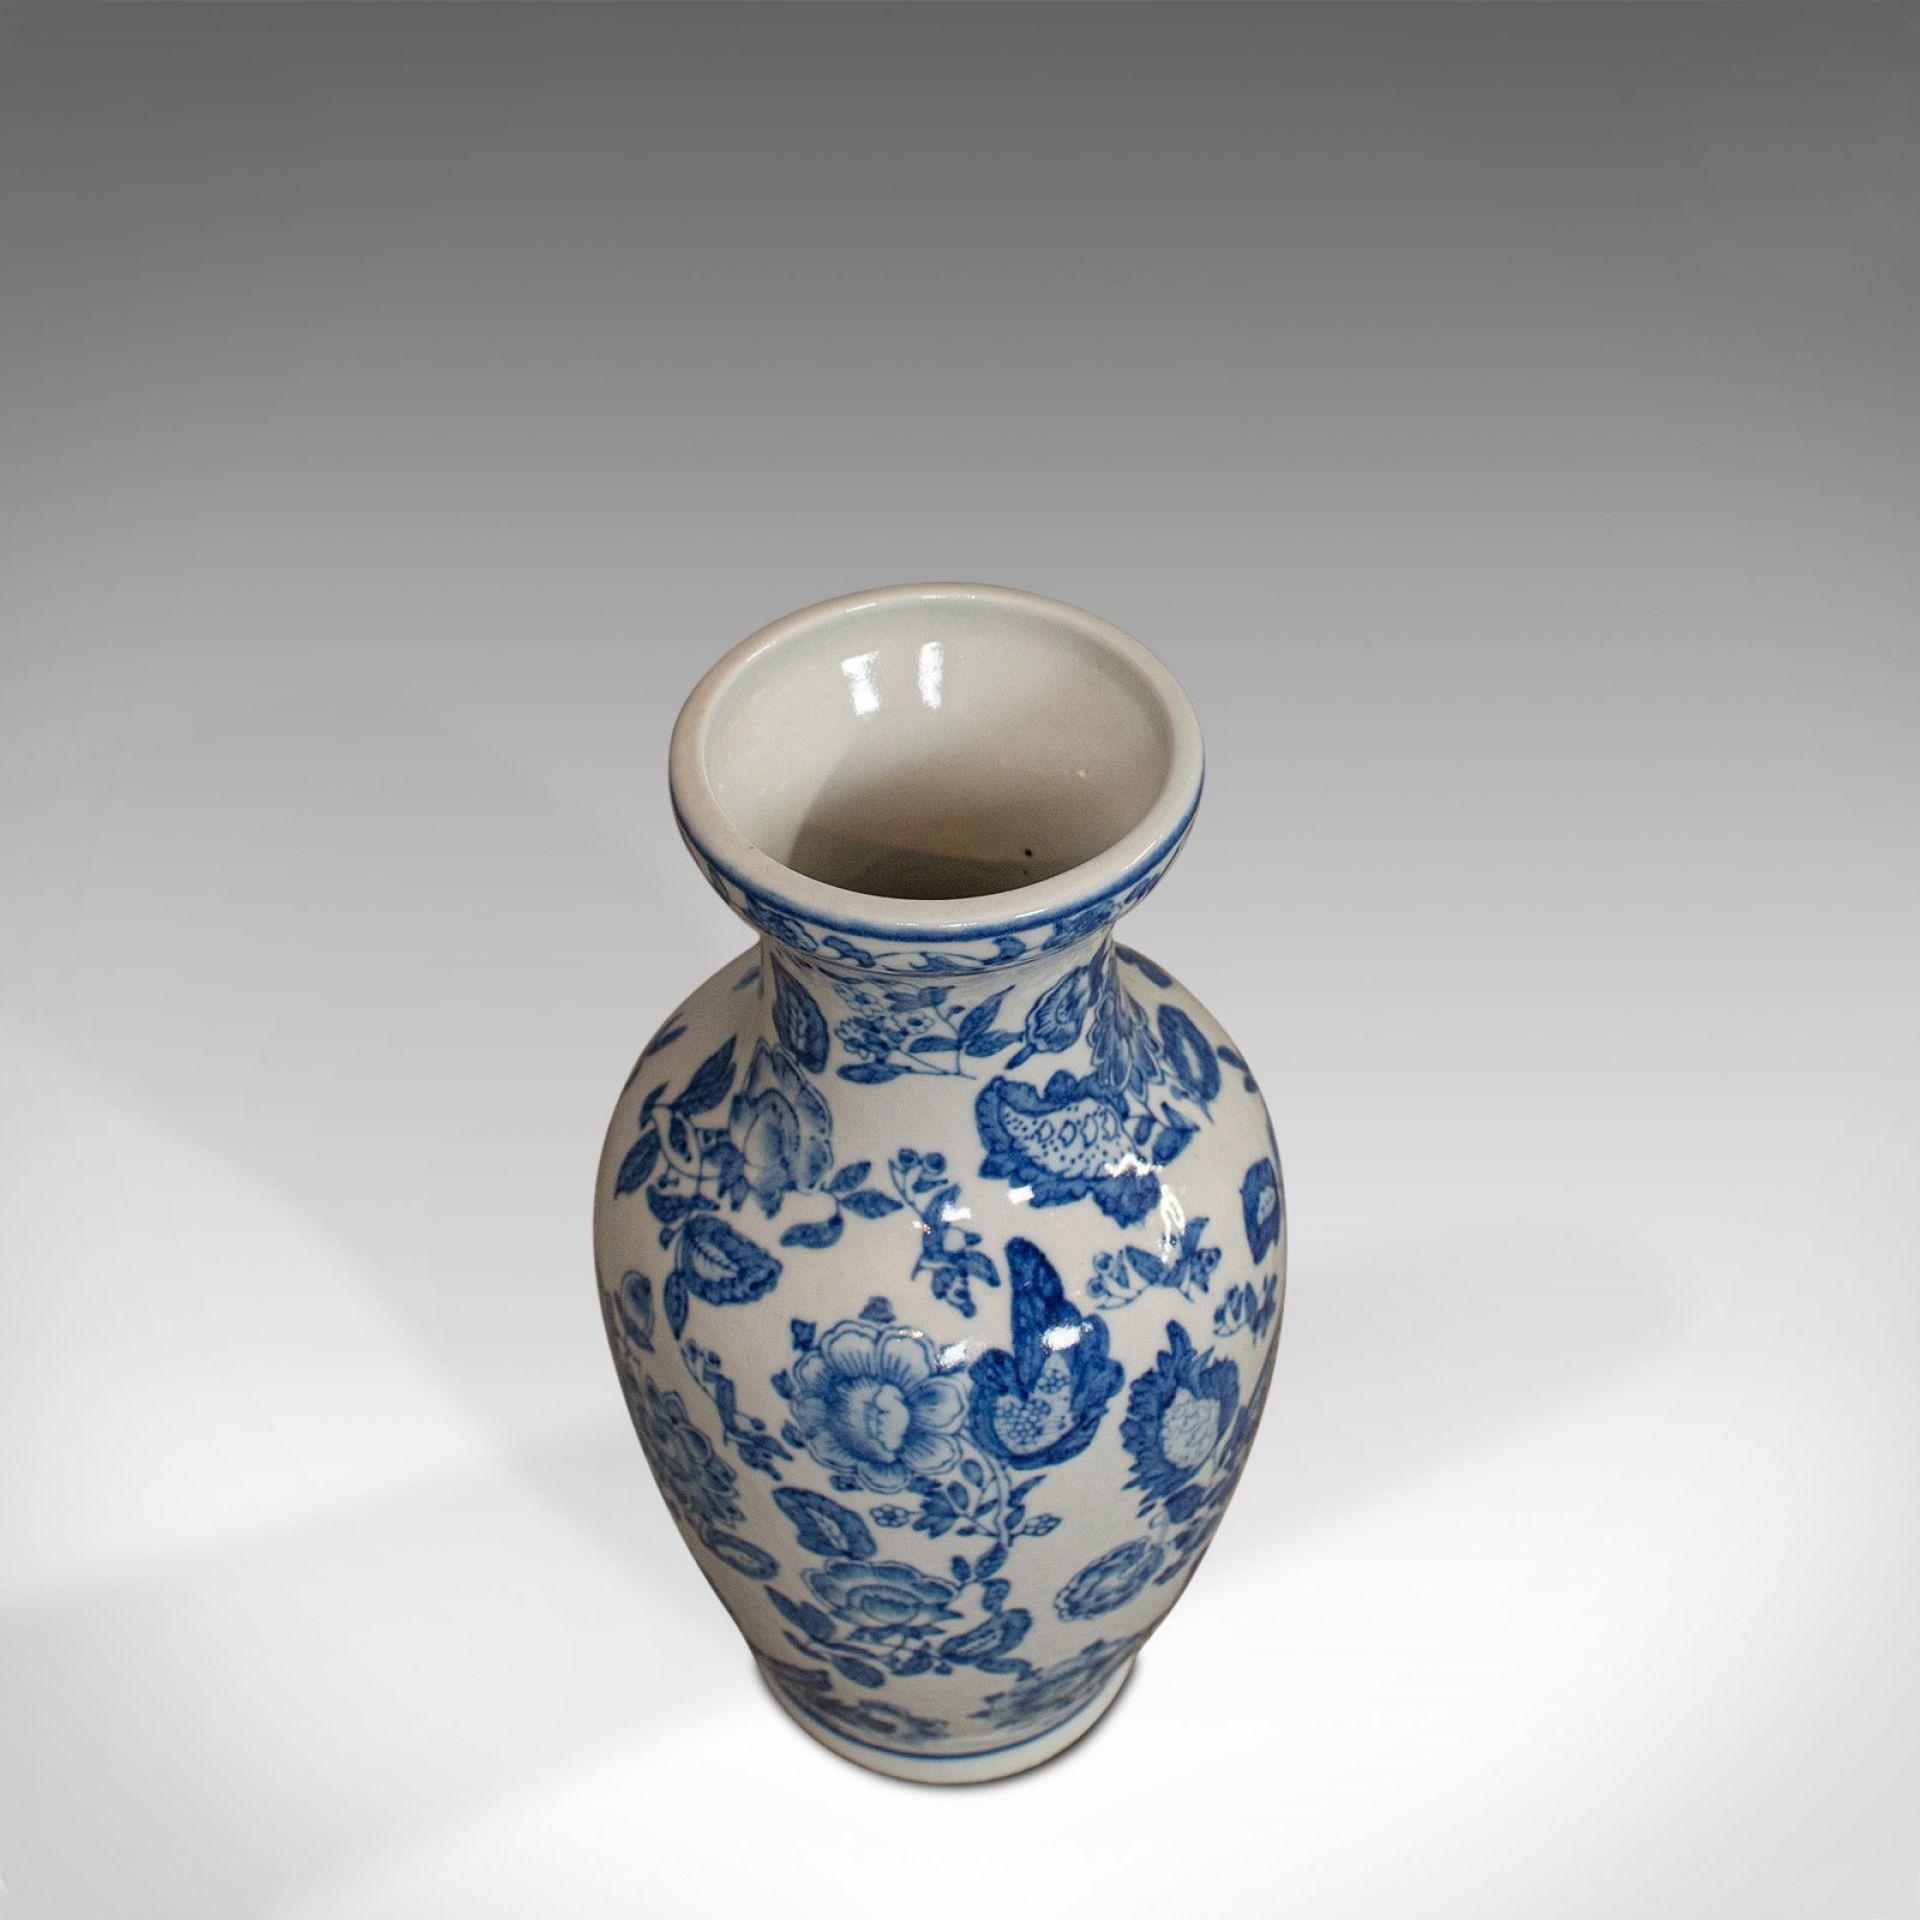 Vintage Decorative Vase, Oriental, Ceramic, Baluster, Urn, Chinese, Floral